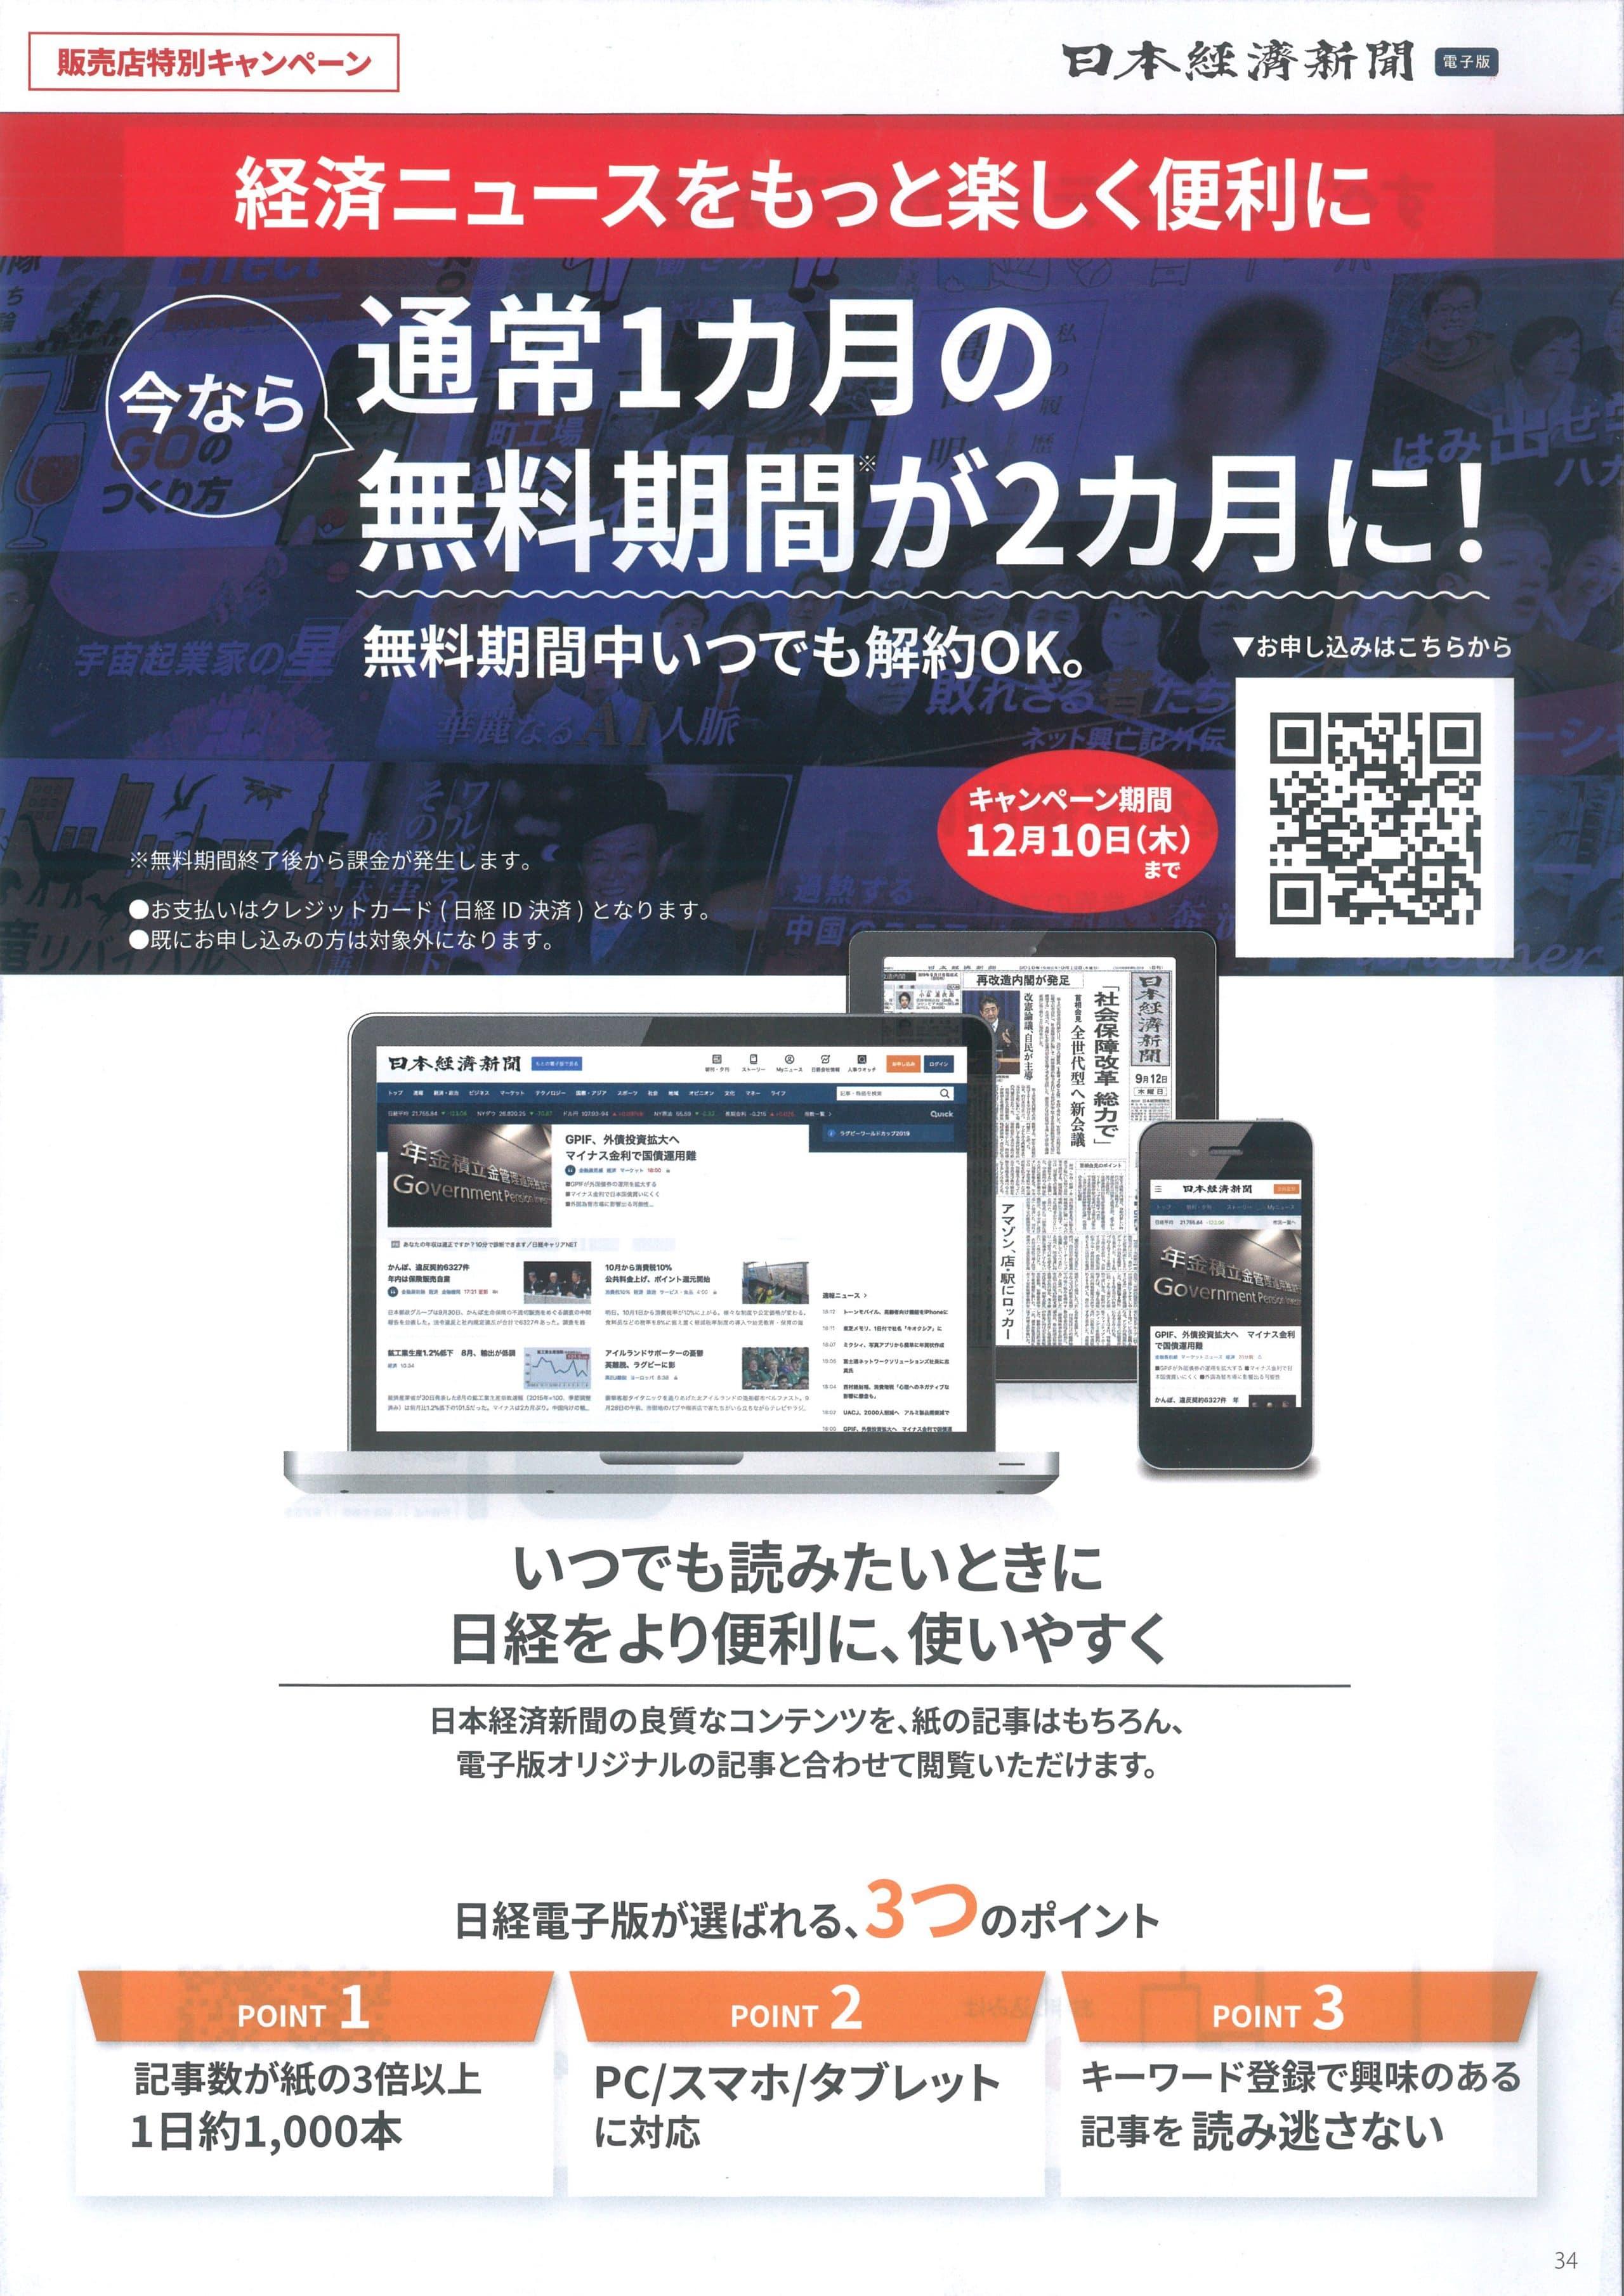 「日経電子版」販売店特別キャンペーン 12月10日まで